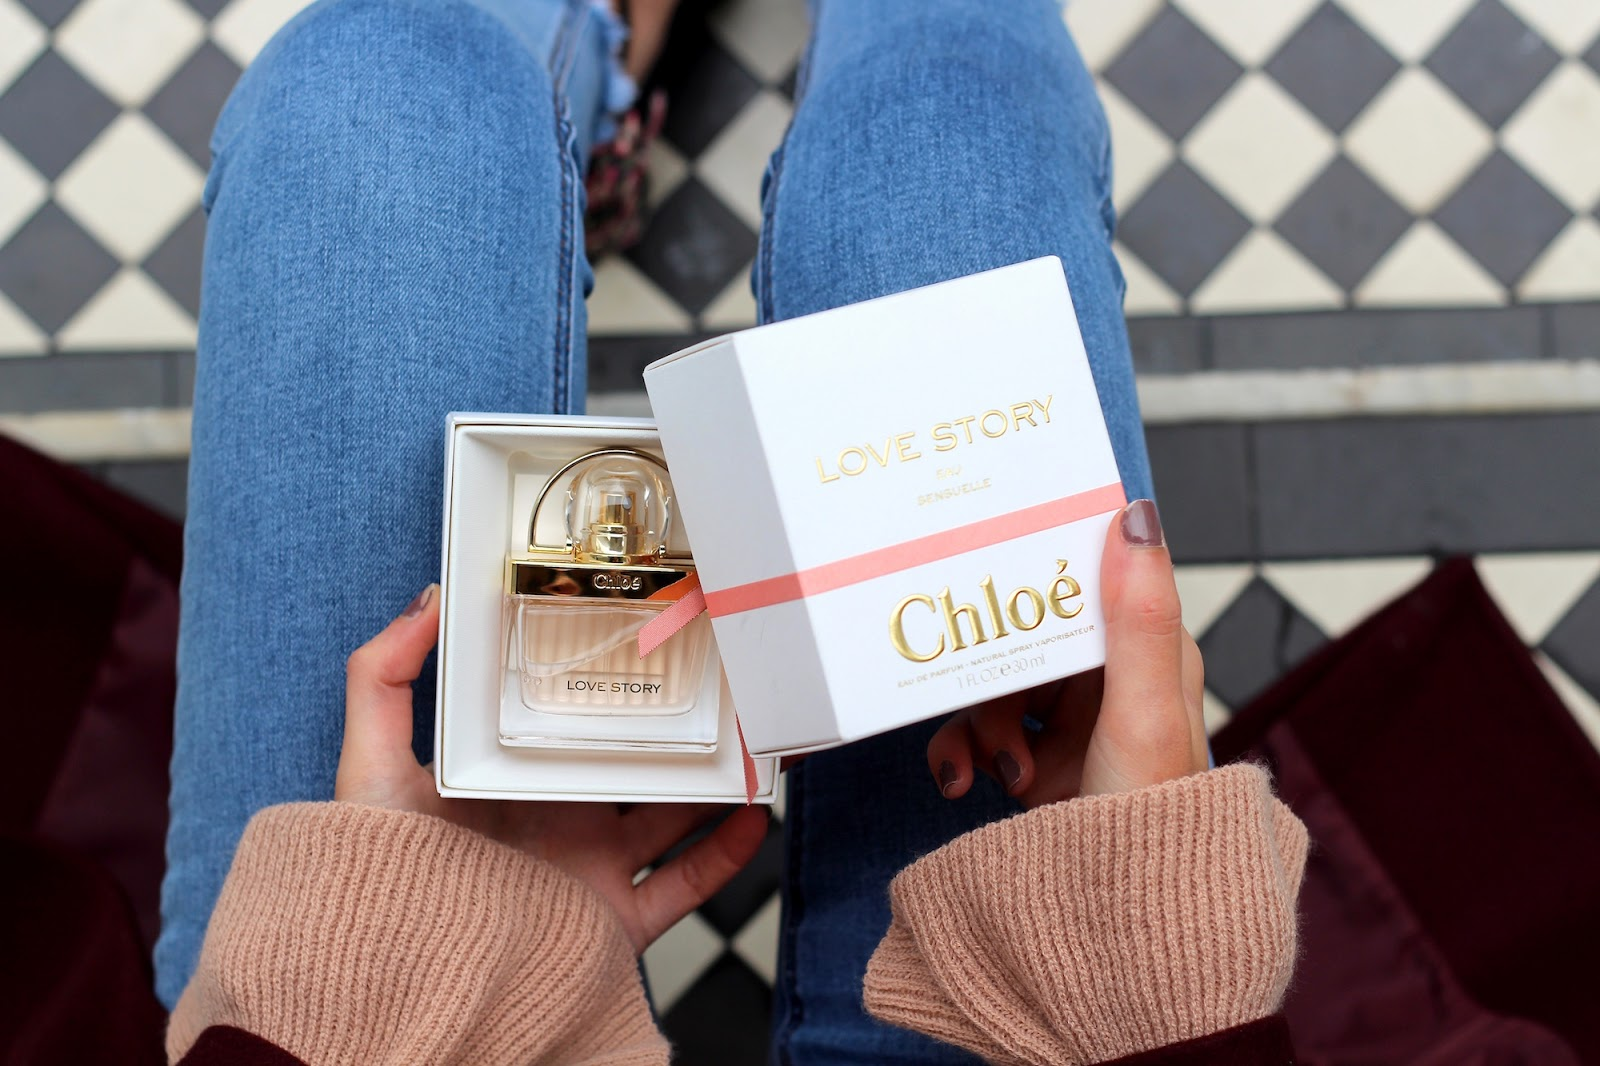 chloé love story valentine's day